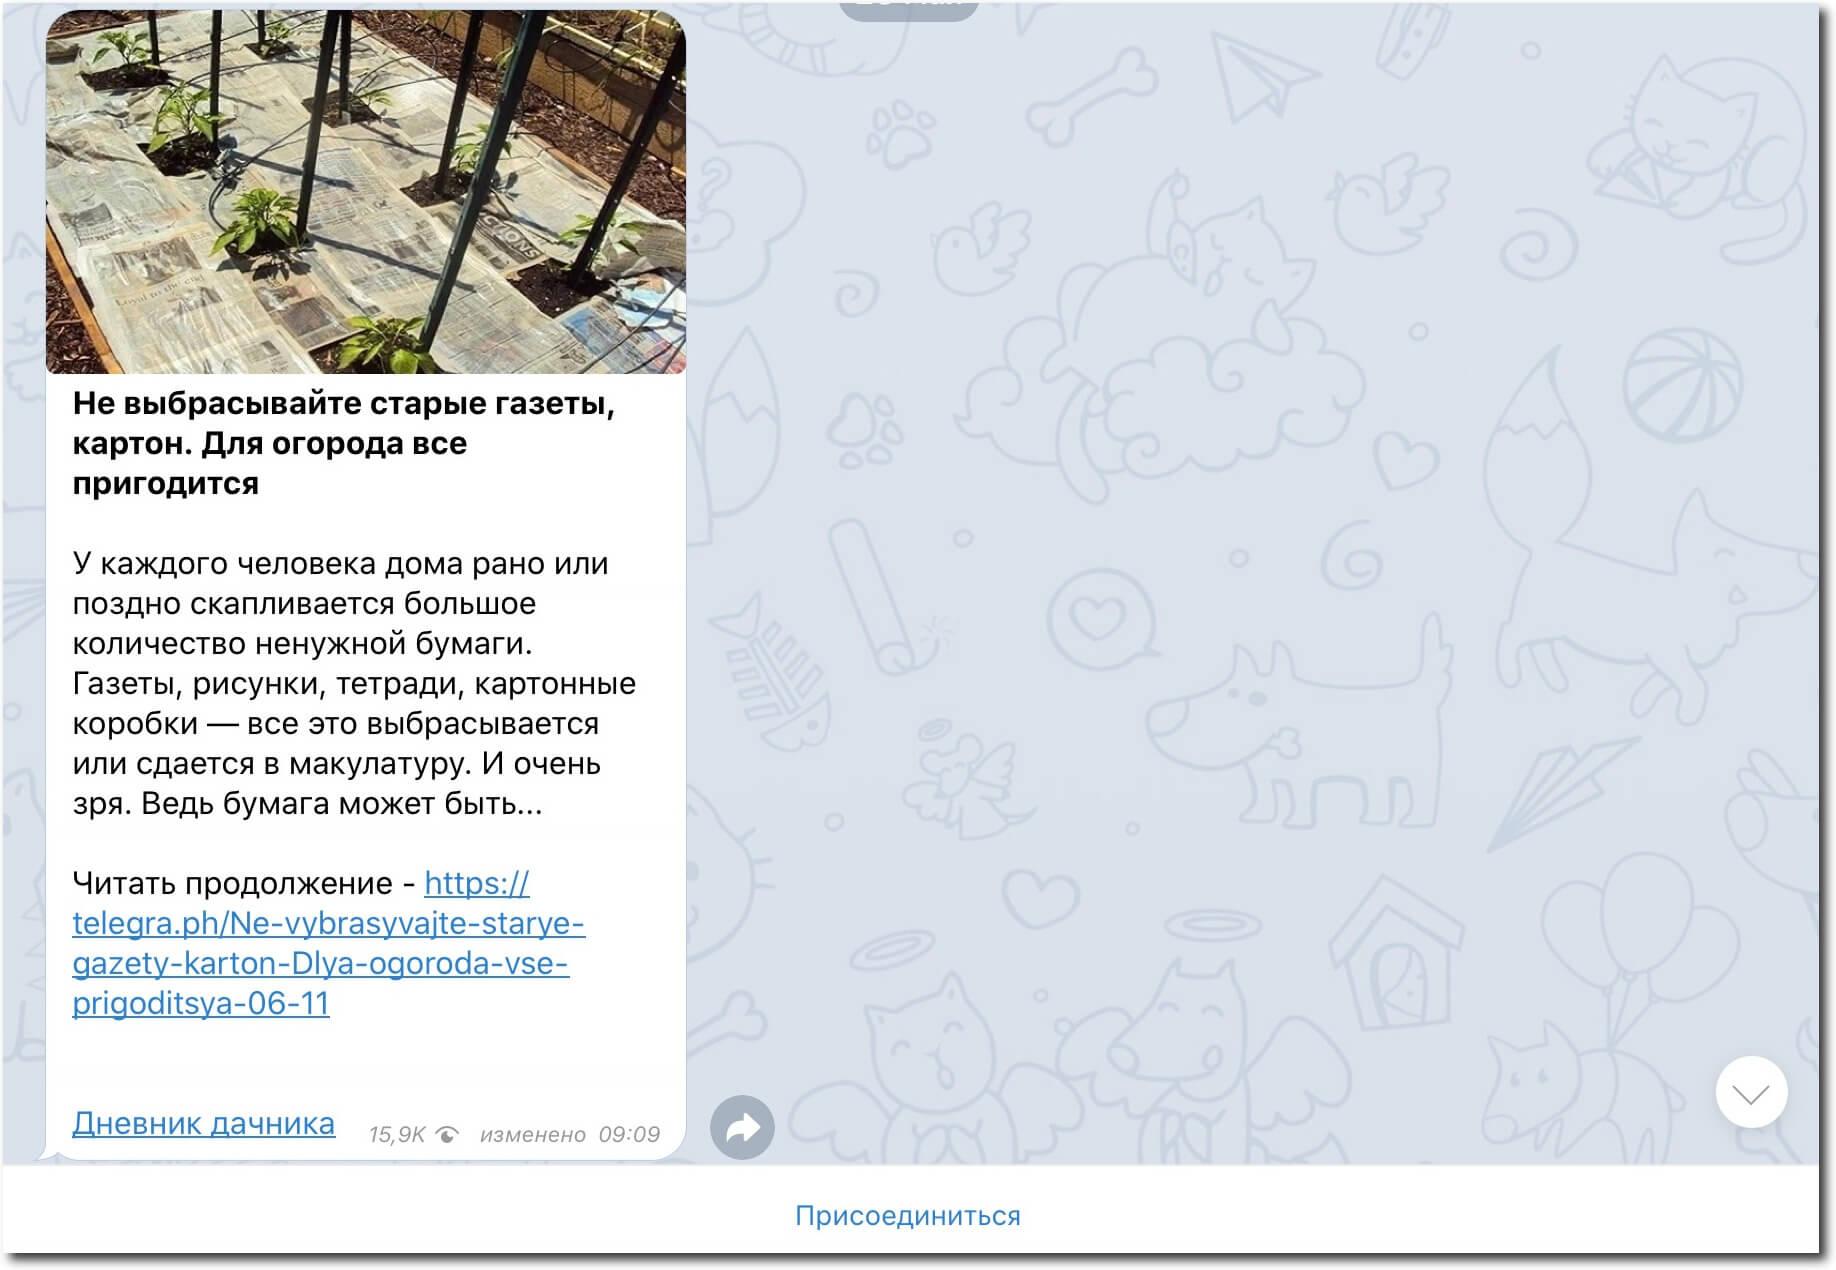 рекламный пост в Телеграм